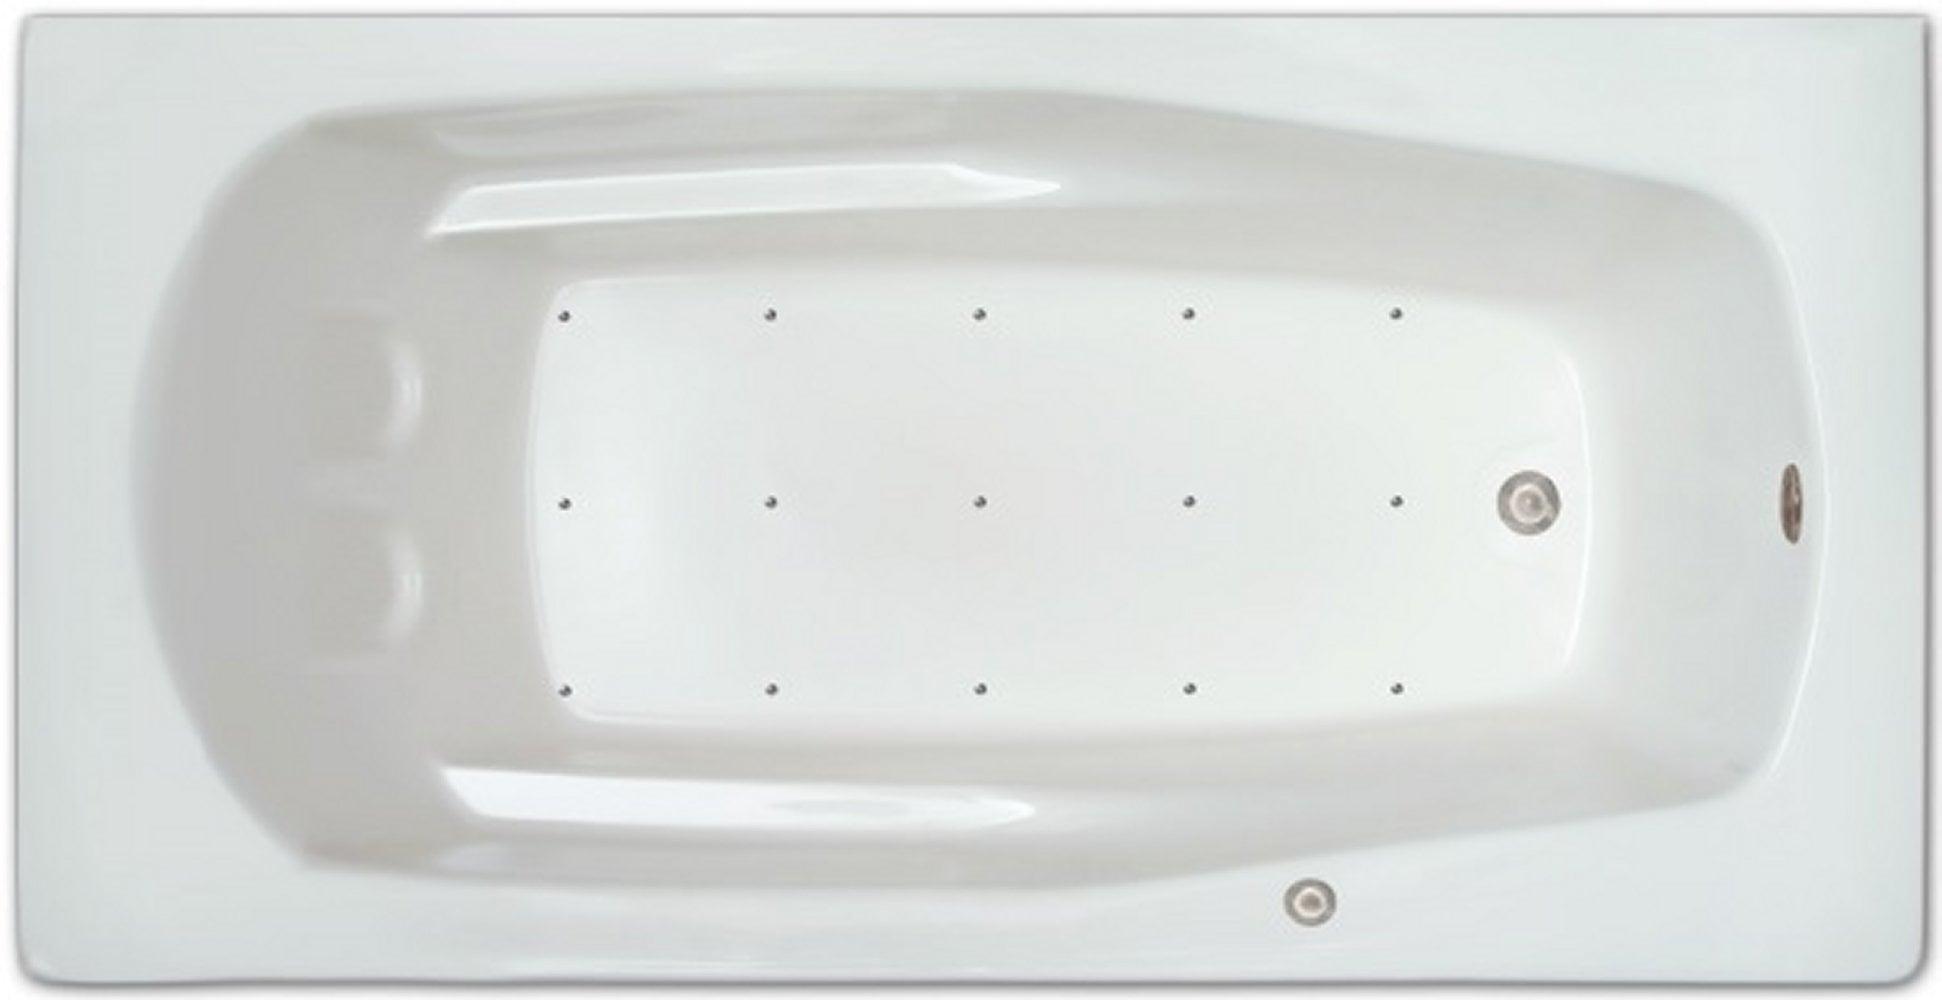 Drop-in Bathtub / 66x32x18.5 / high gloss white acrylic / Rectangle / LPI19-A-LD Pinnacle Bath - Air Bath 0